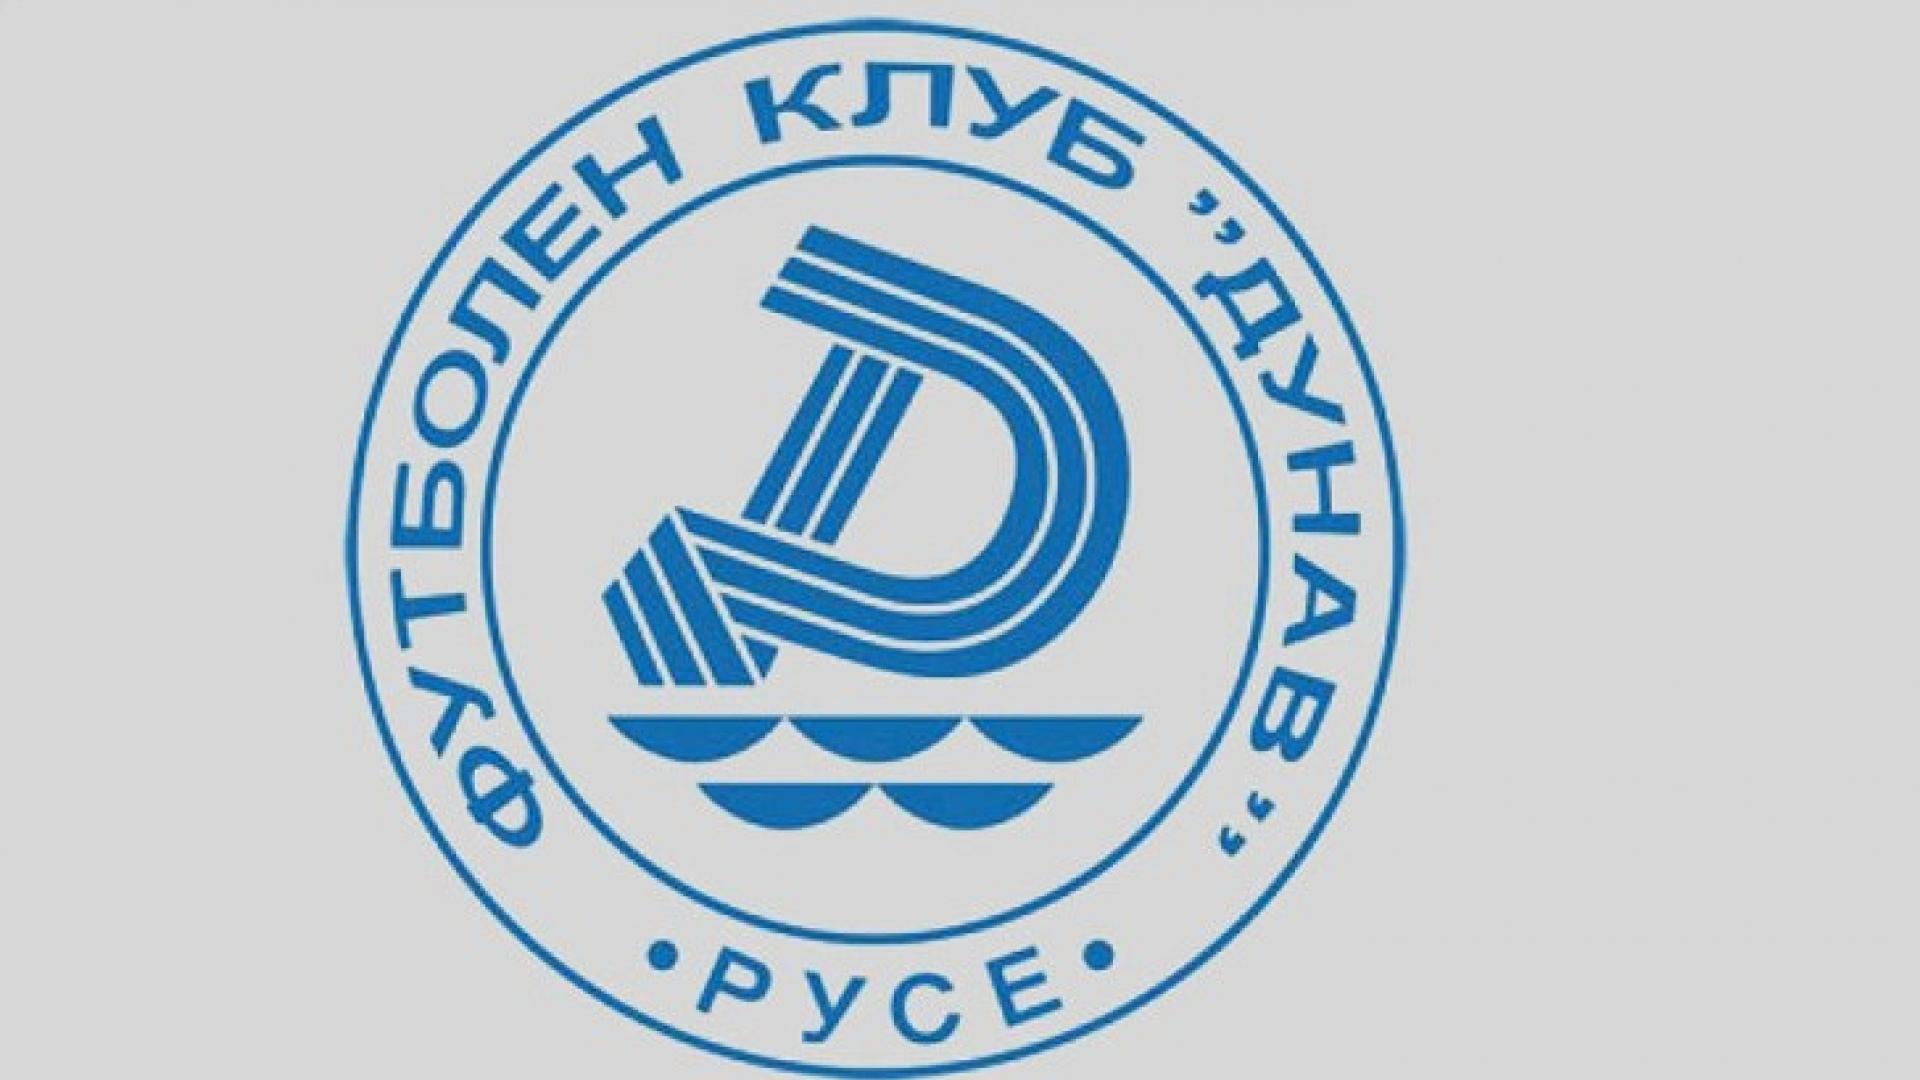 Пуснаха в продажба билетите за мача Дунав - Арда, пускат на стадиона 1950 запалянковци